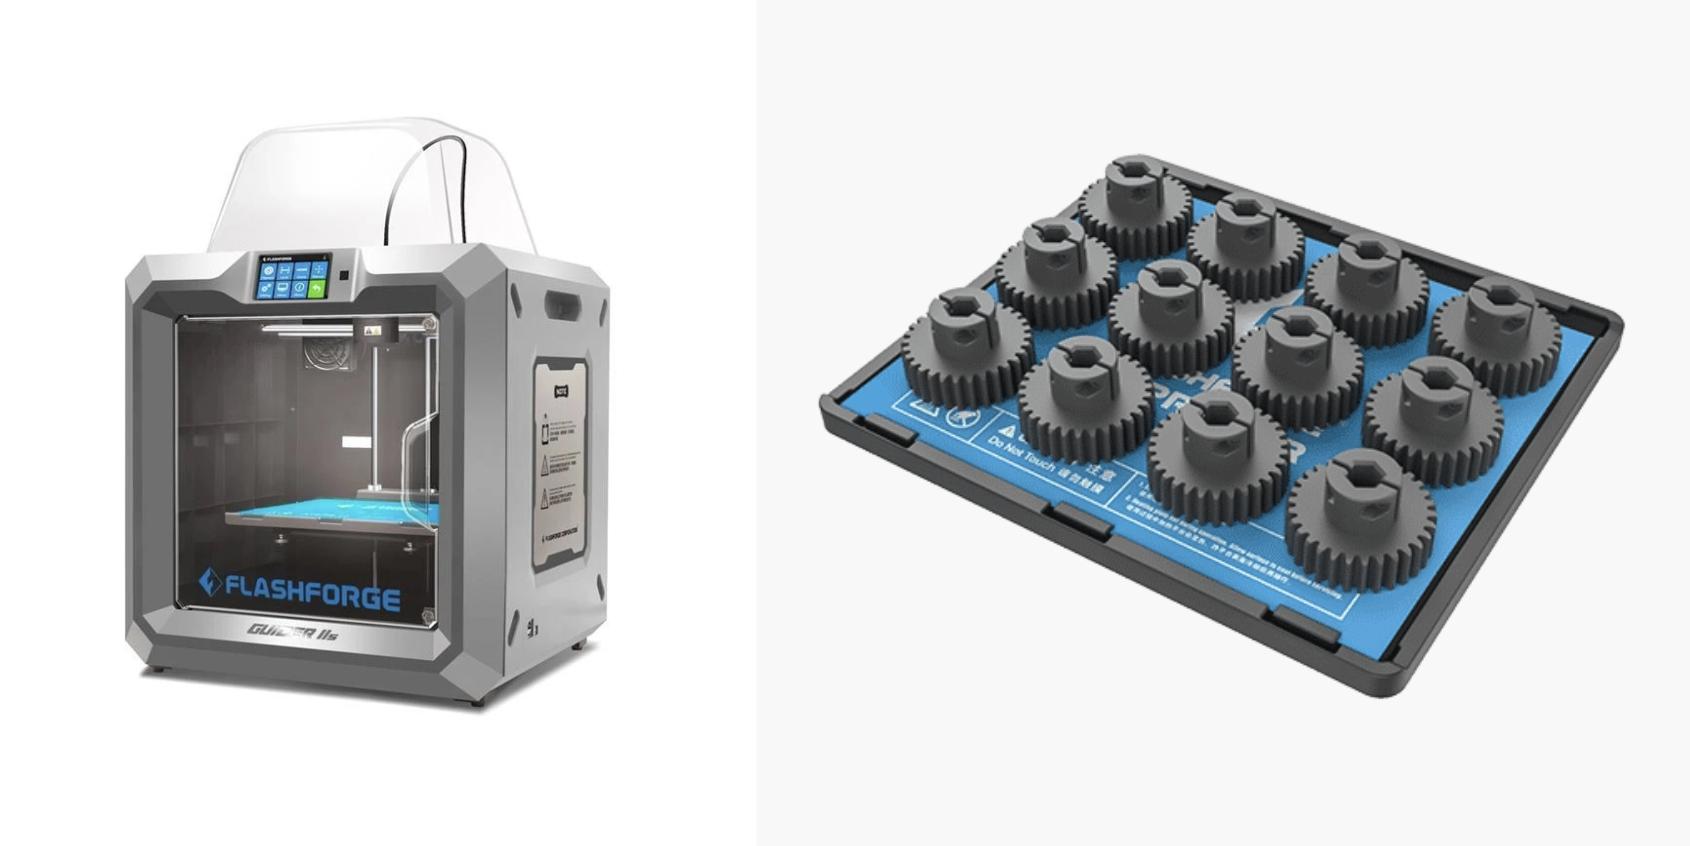 Flashforge Guider IIS : Imprimante 3D de bureau grand format pour petites séries de production